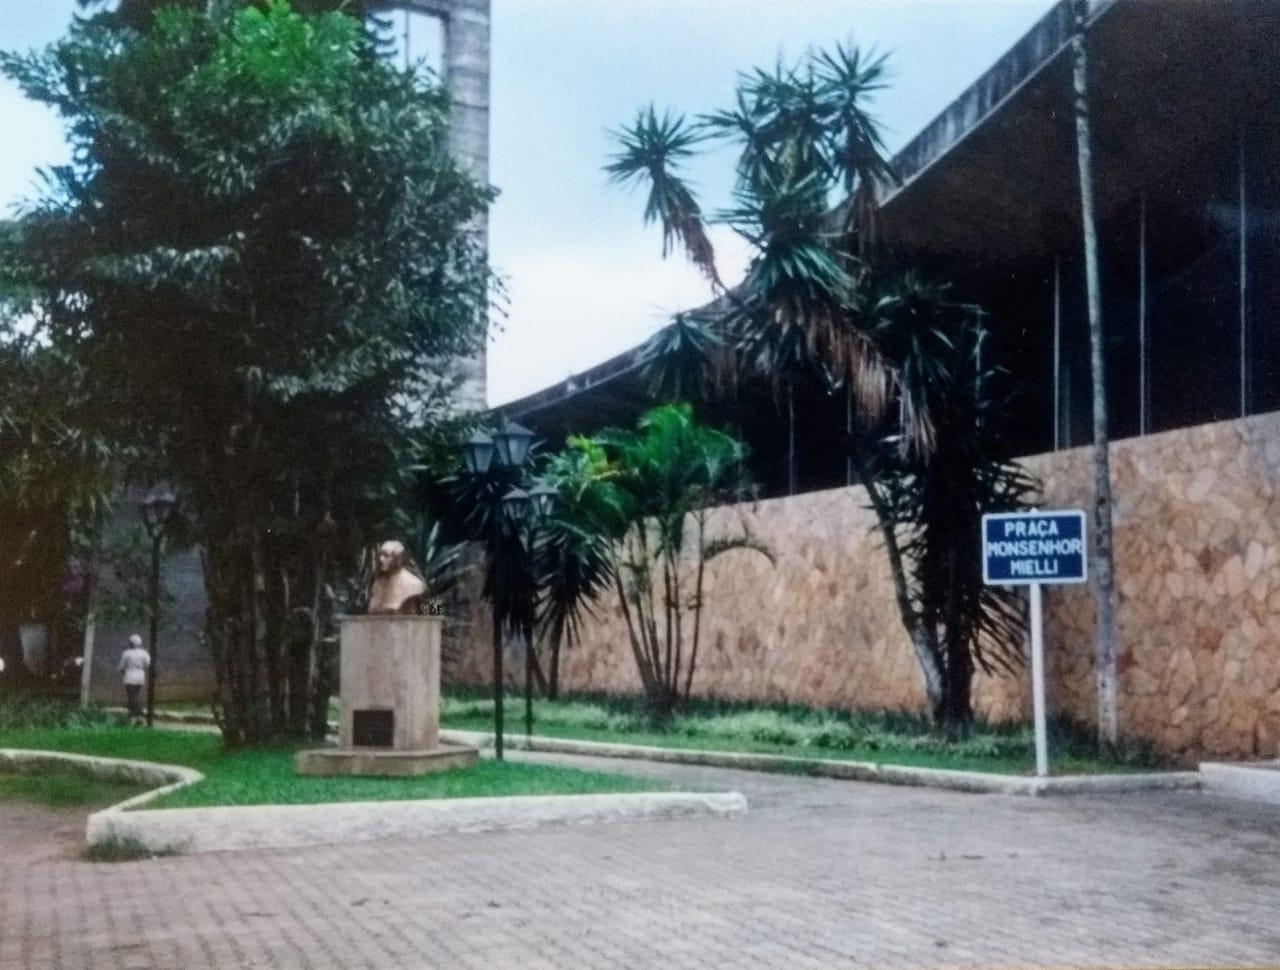 A placa que havia na Praça Monsenhor Mielli, inexplicavelmente retirada